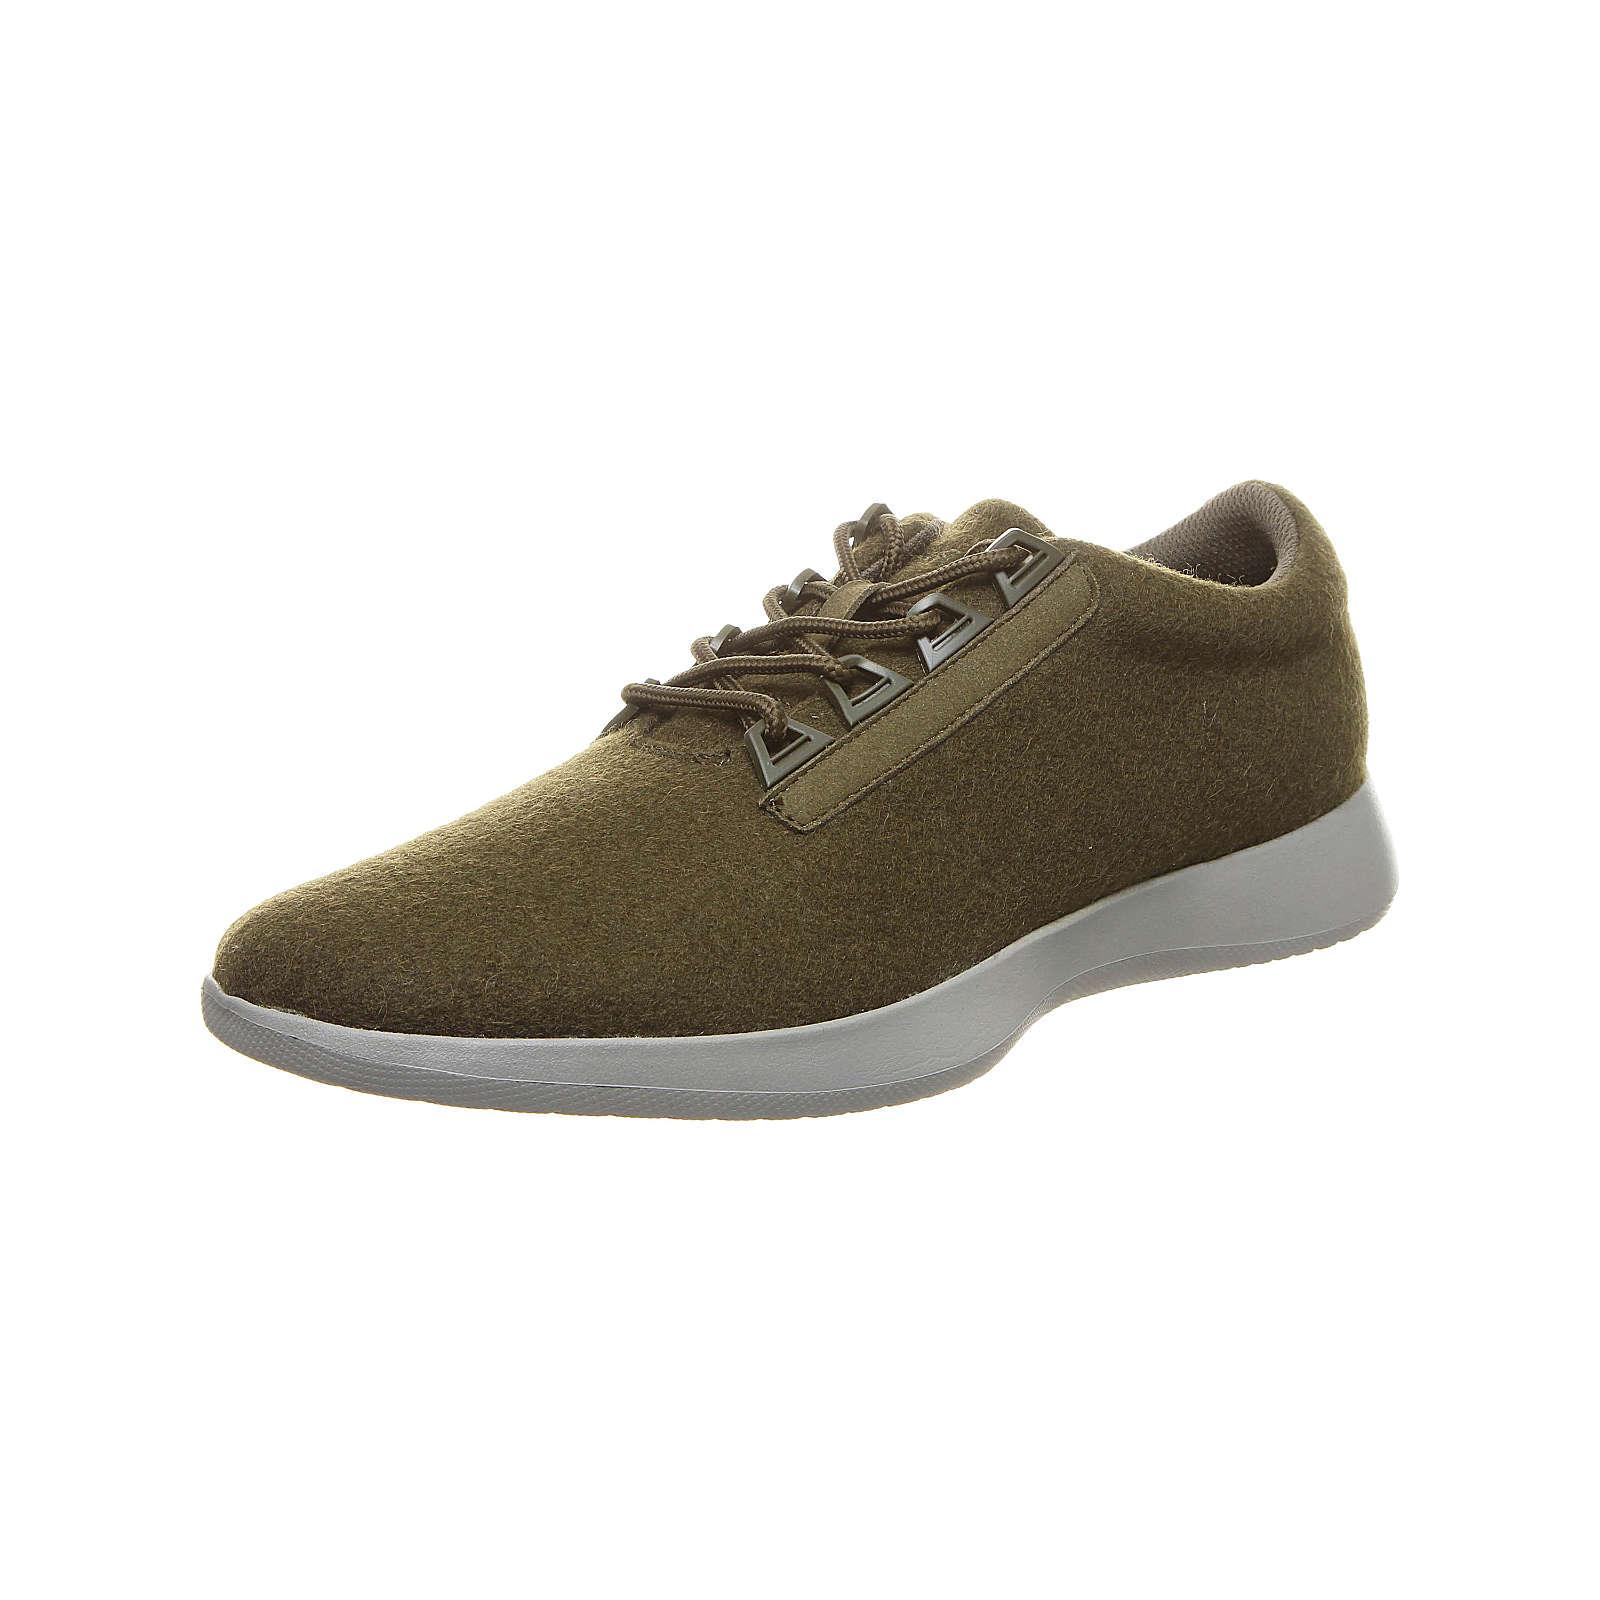 Bearpaw Sneaker BENJAMIN Sneakers Low grün Herren Gr. 41